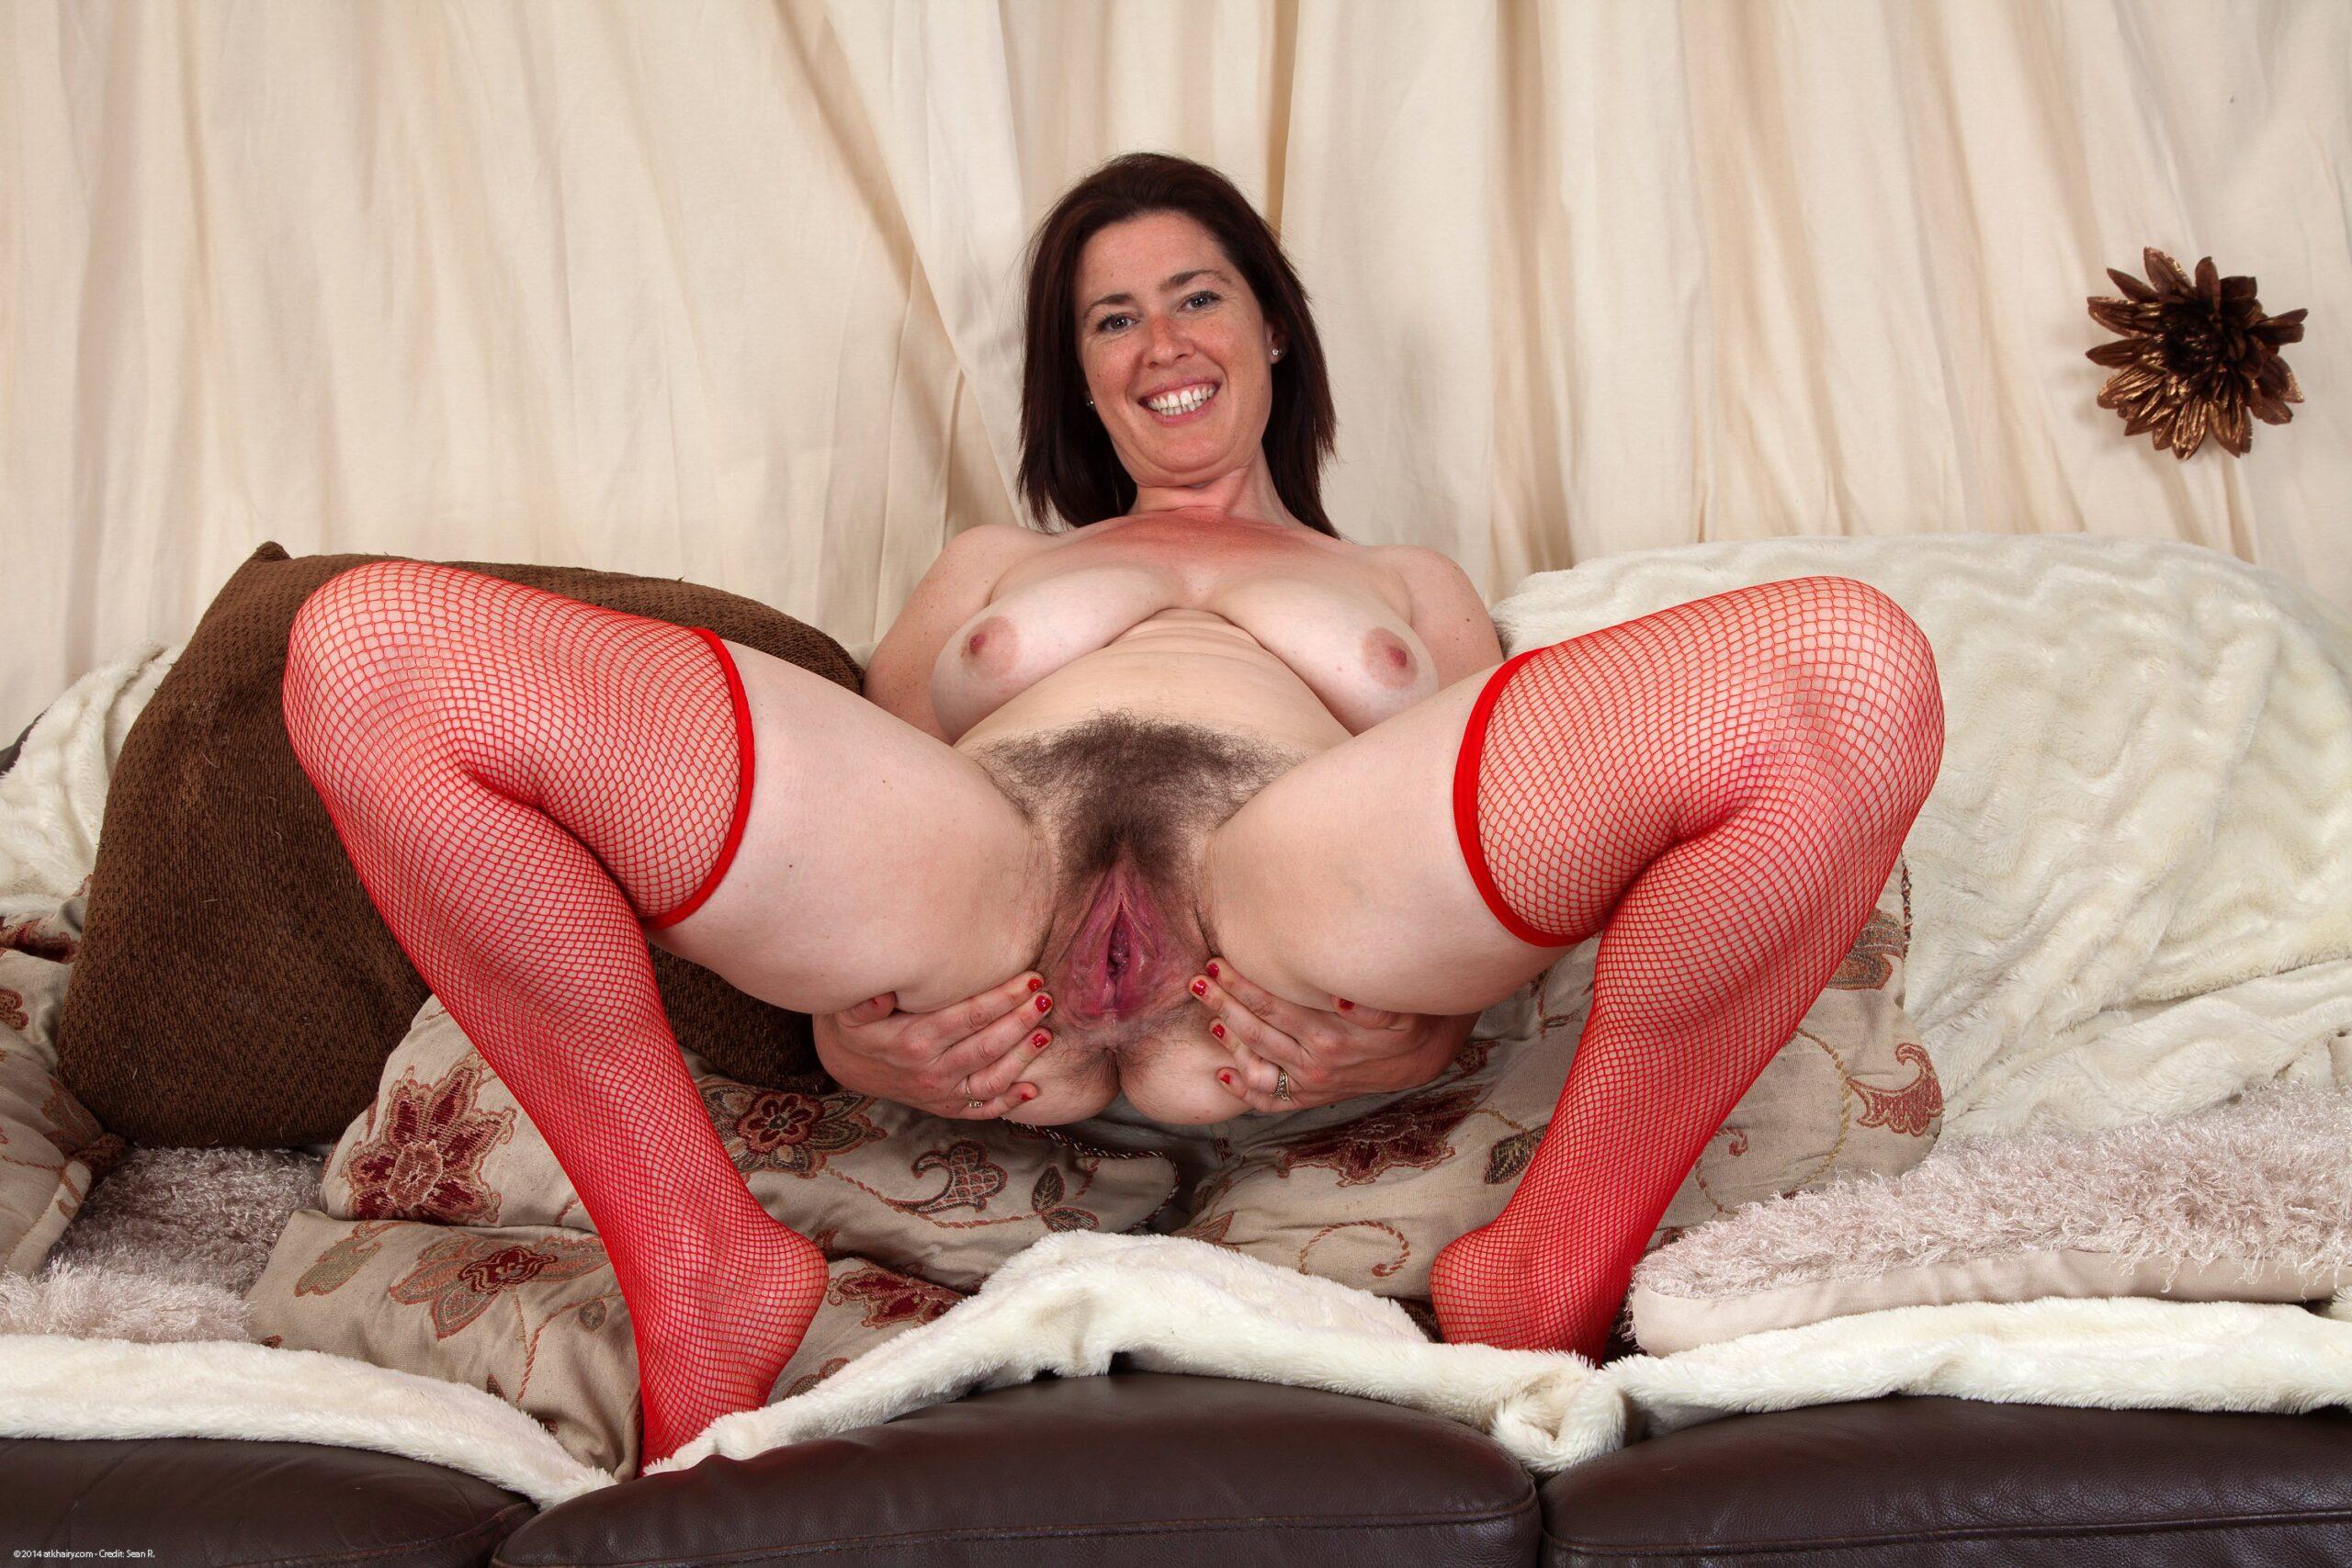 порно зрелая волосатая пизда крупным планом фото на кровати в красных чулках в сеточку.